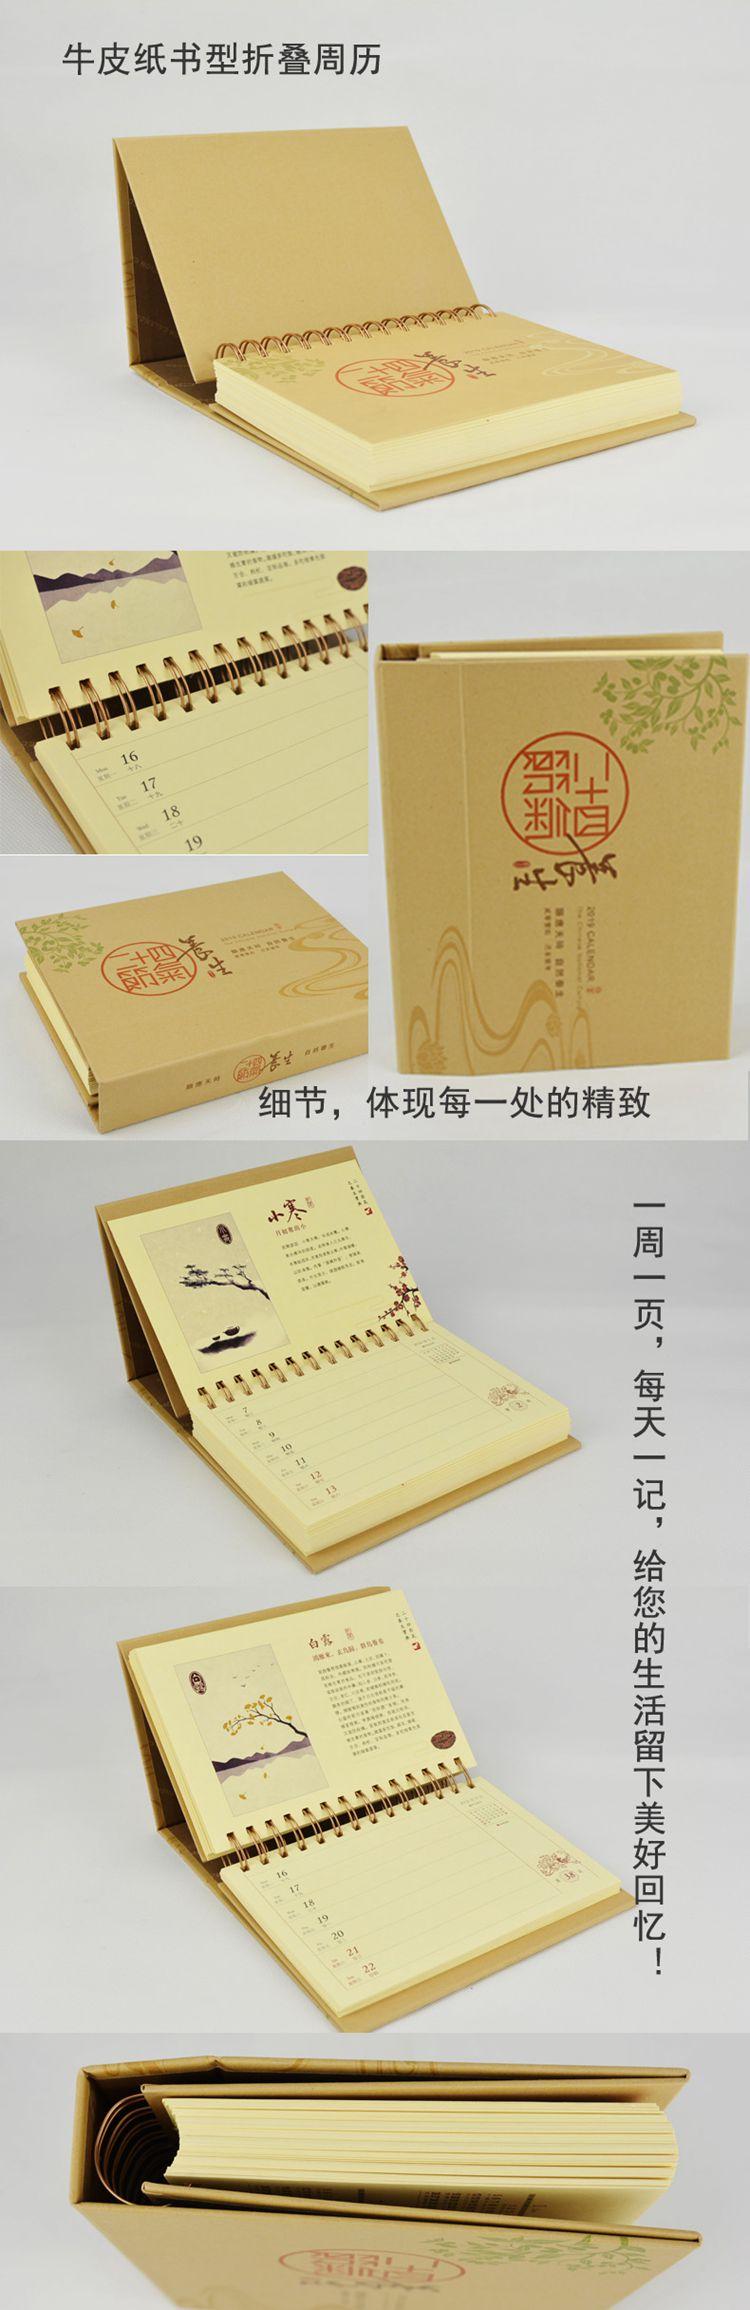 牛皮纸书型折叠周历